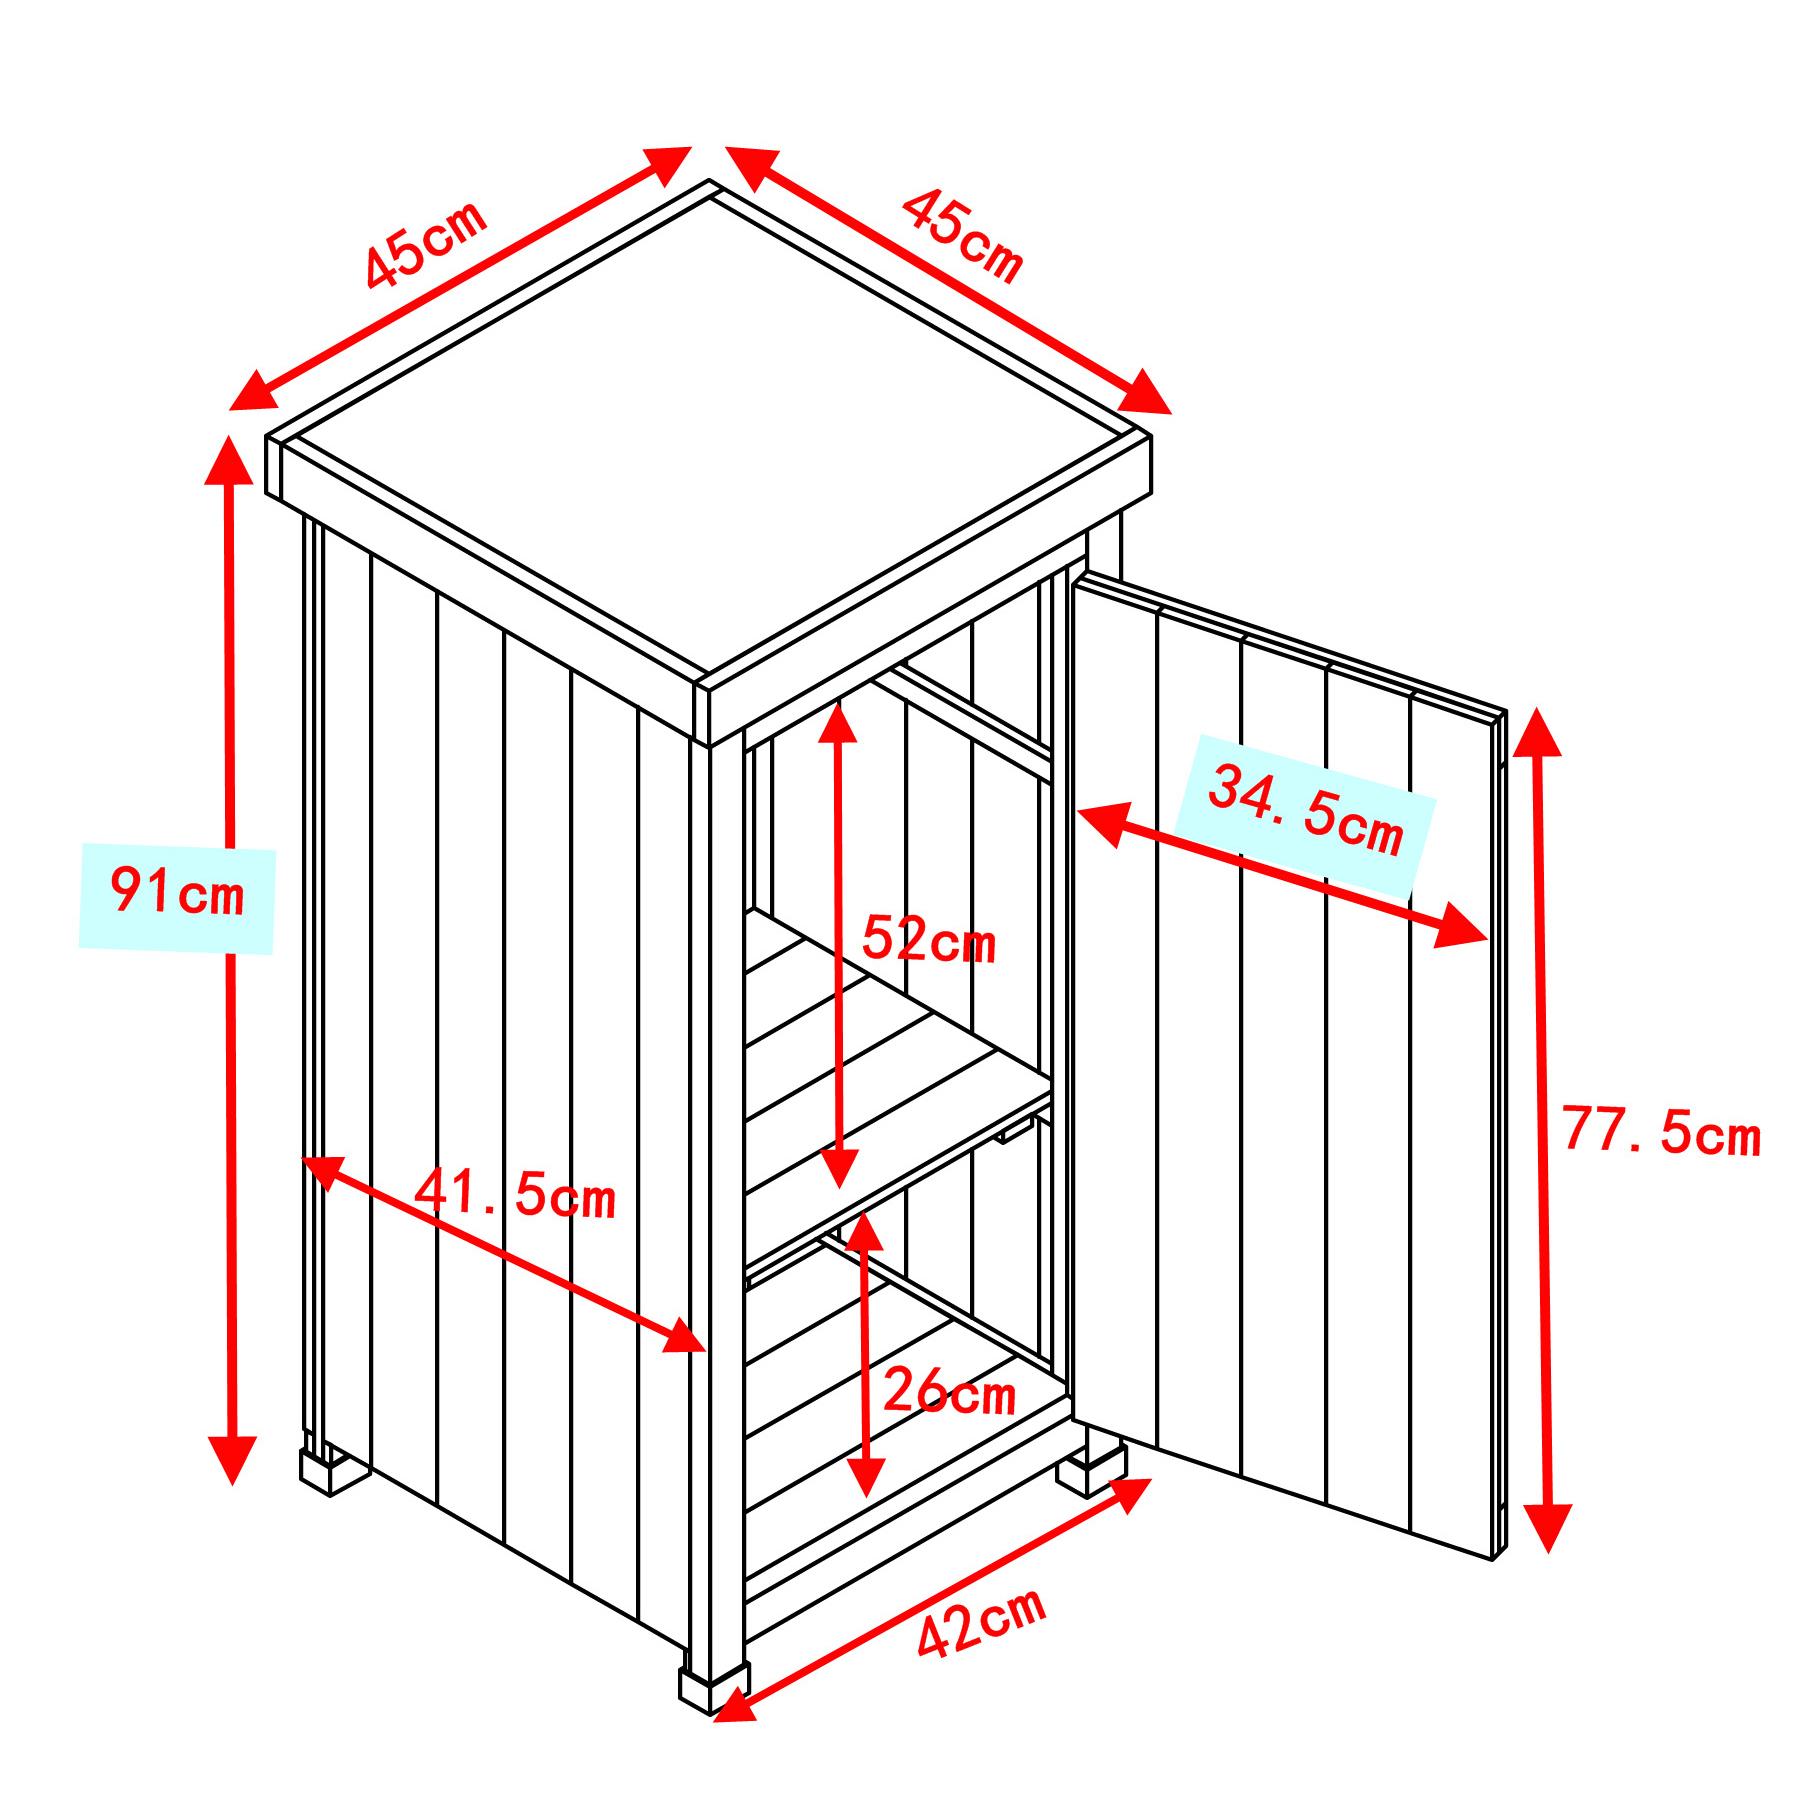 HABAU Gartenschrank Kompakt - Skizze mit Maßen - 3085